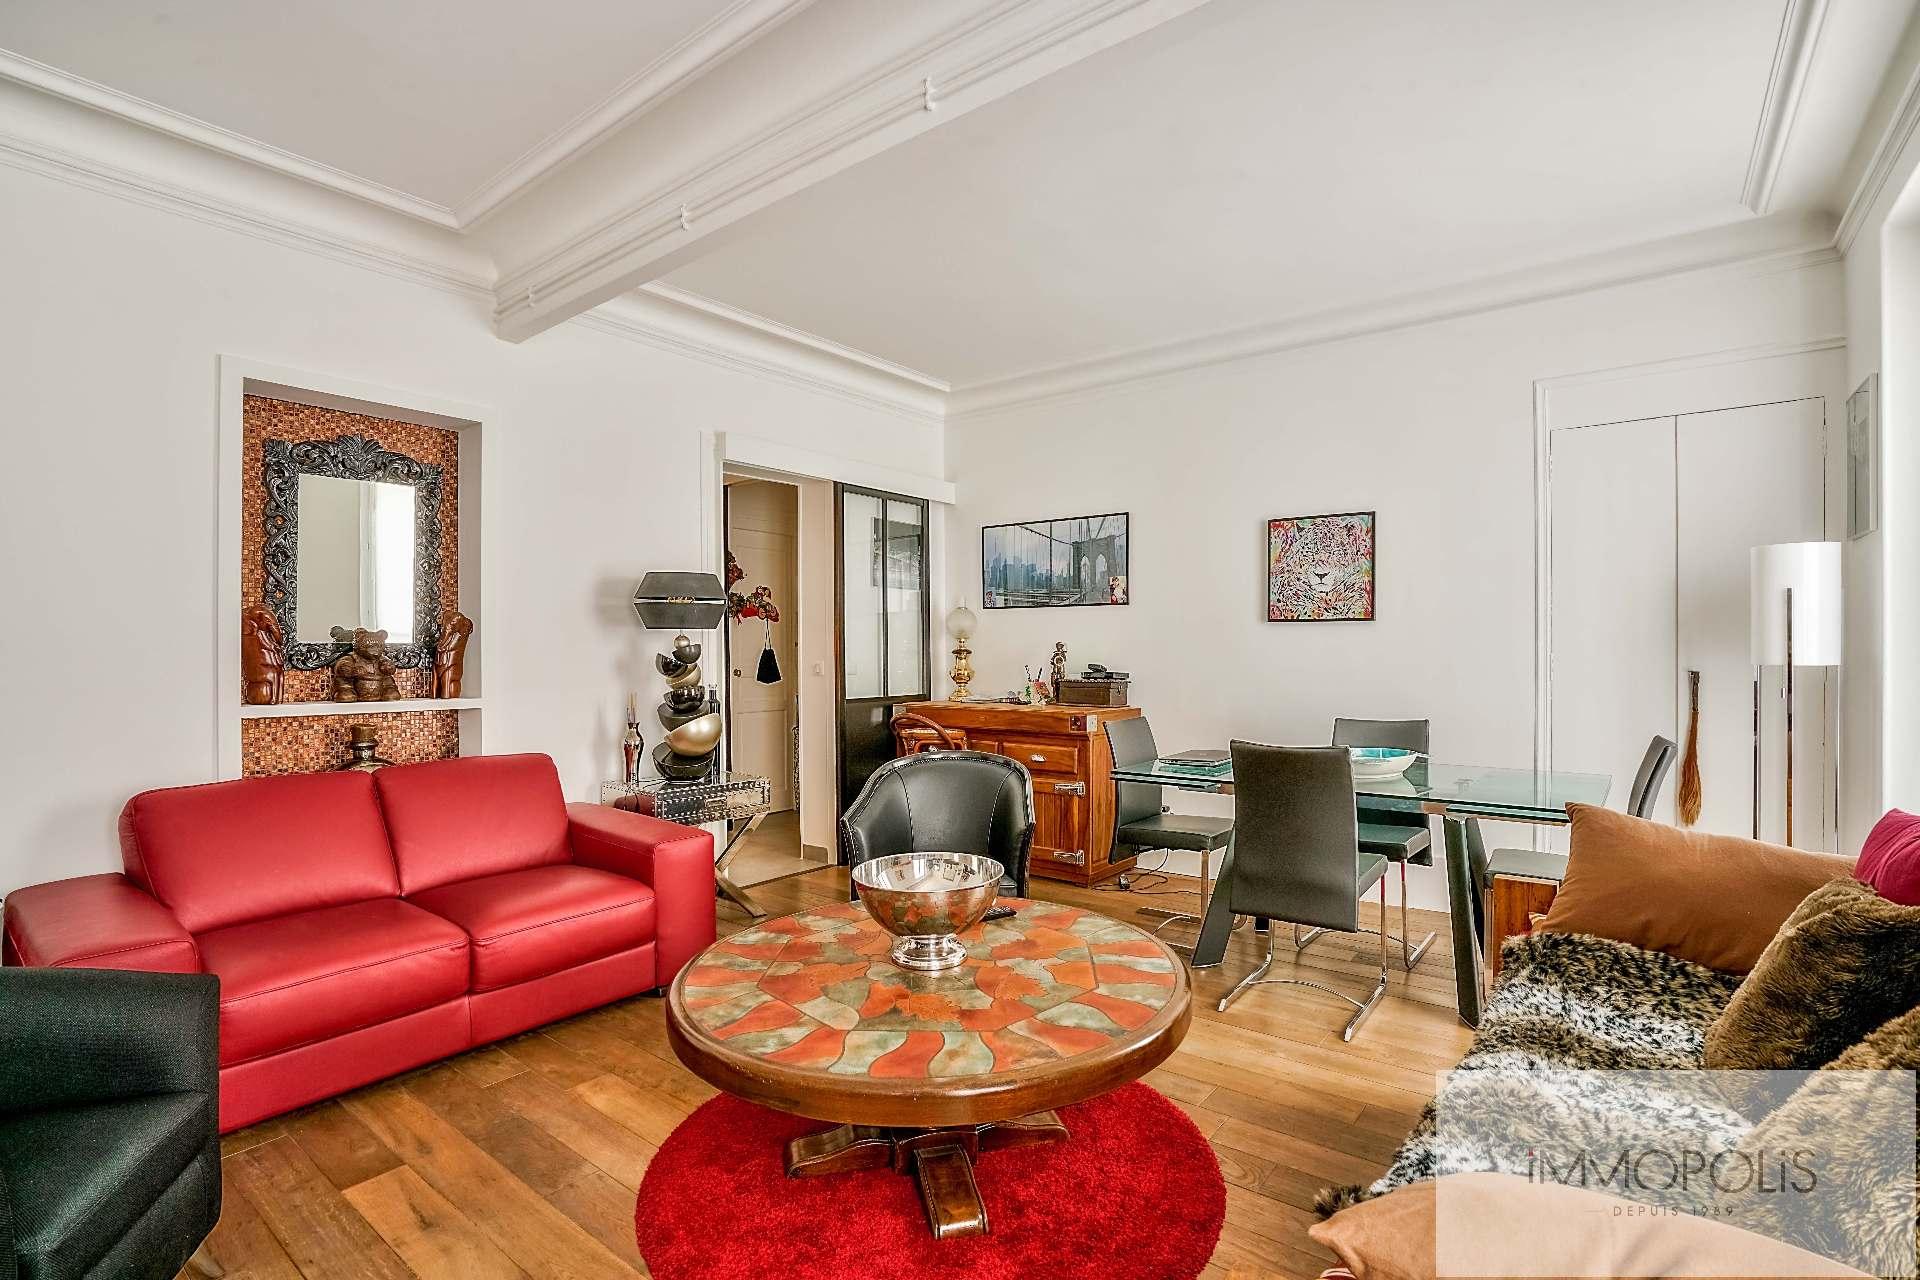 Superbe 3 pièces (1 chambre) à Montmartre, en 3e étage avec ascenseur : belles prestations ! 9